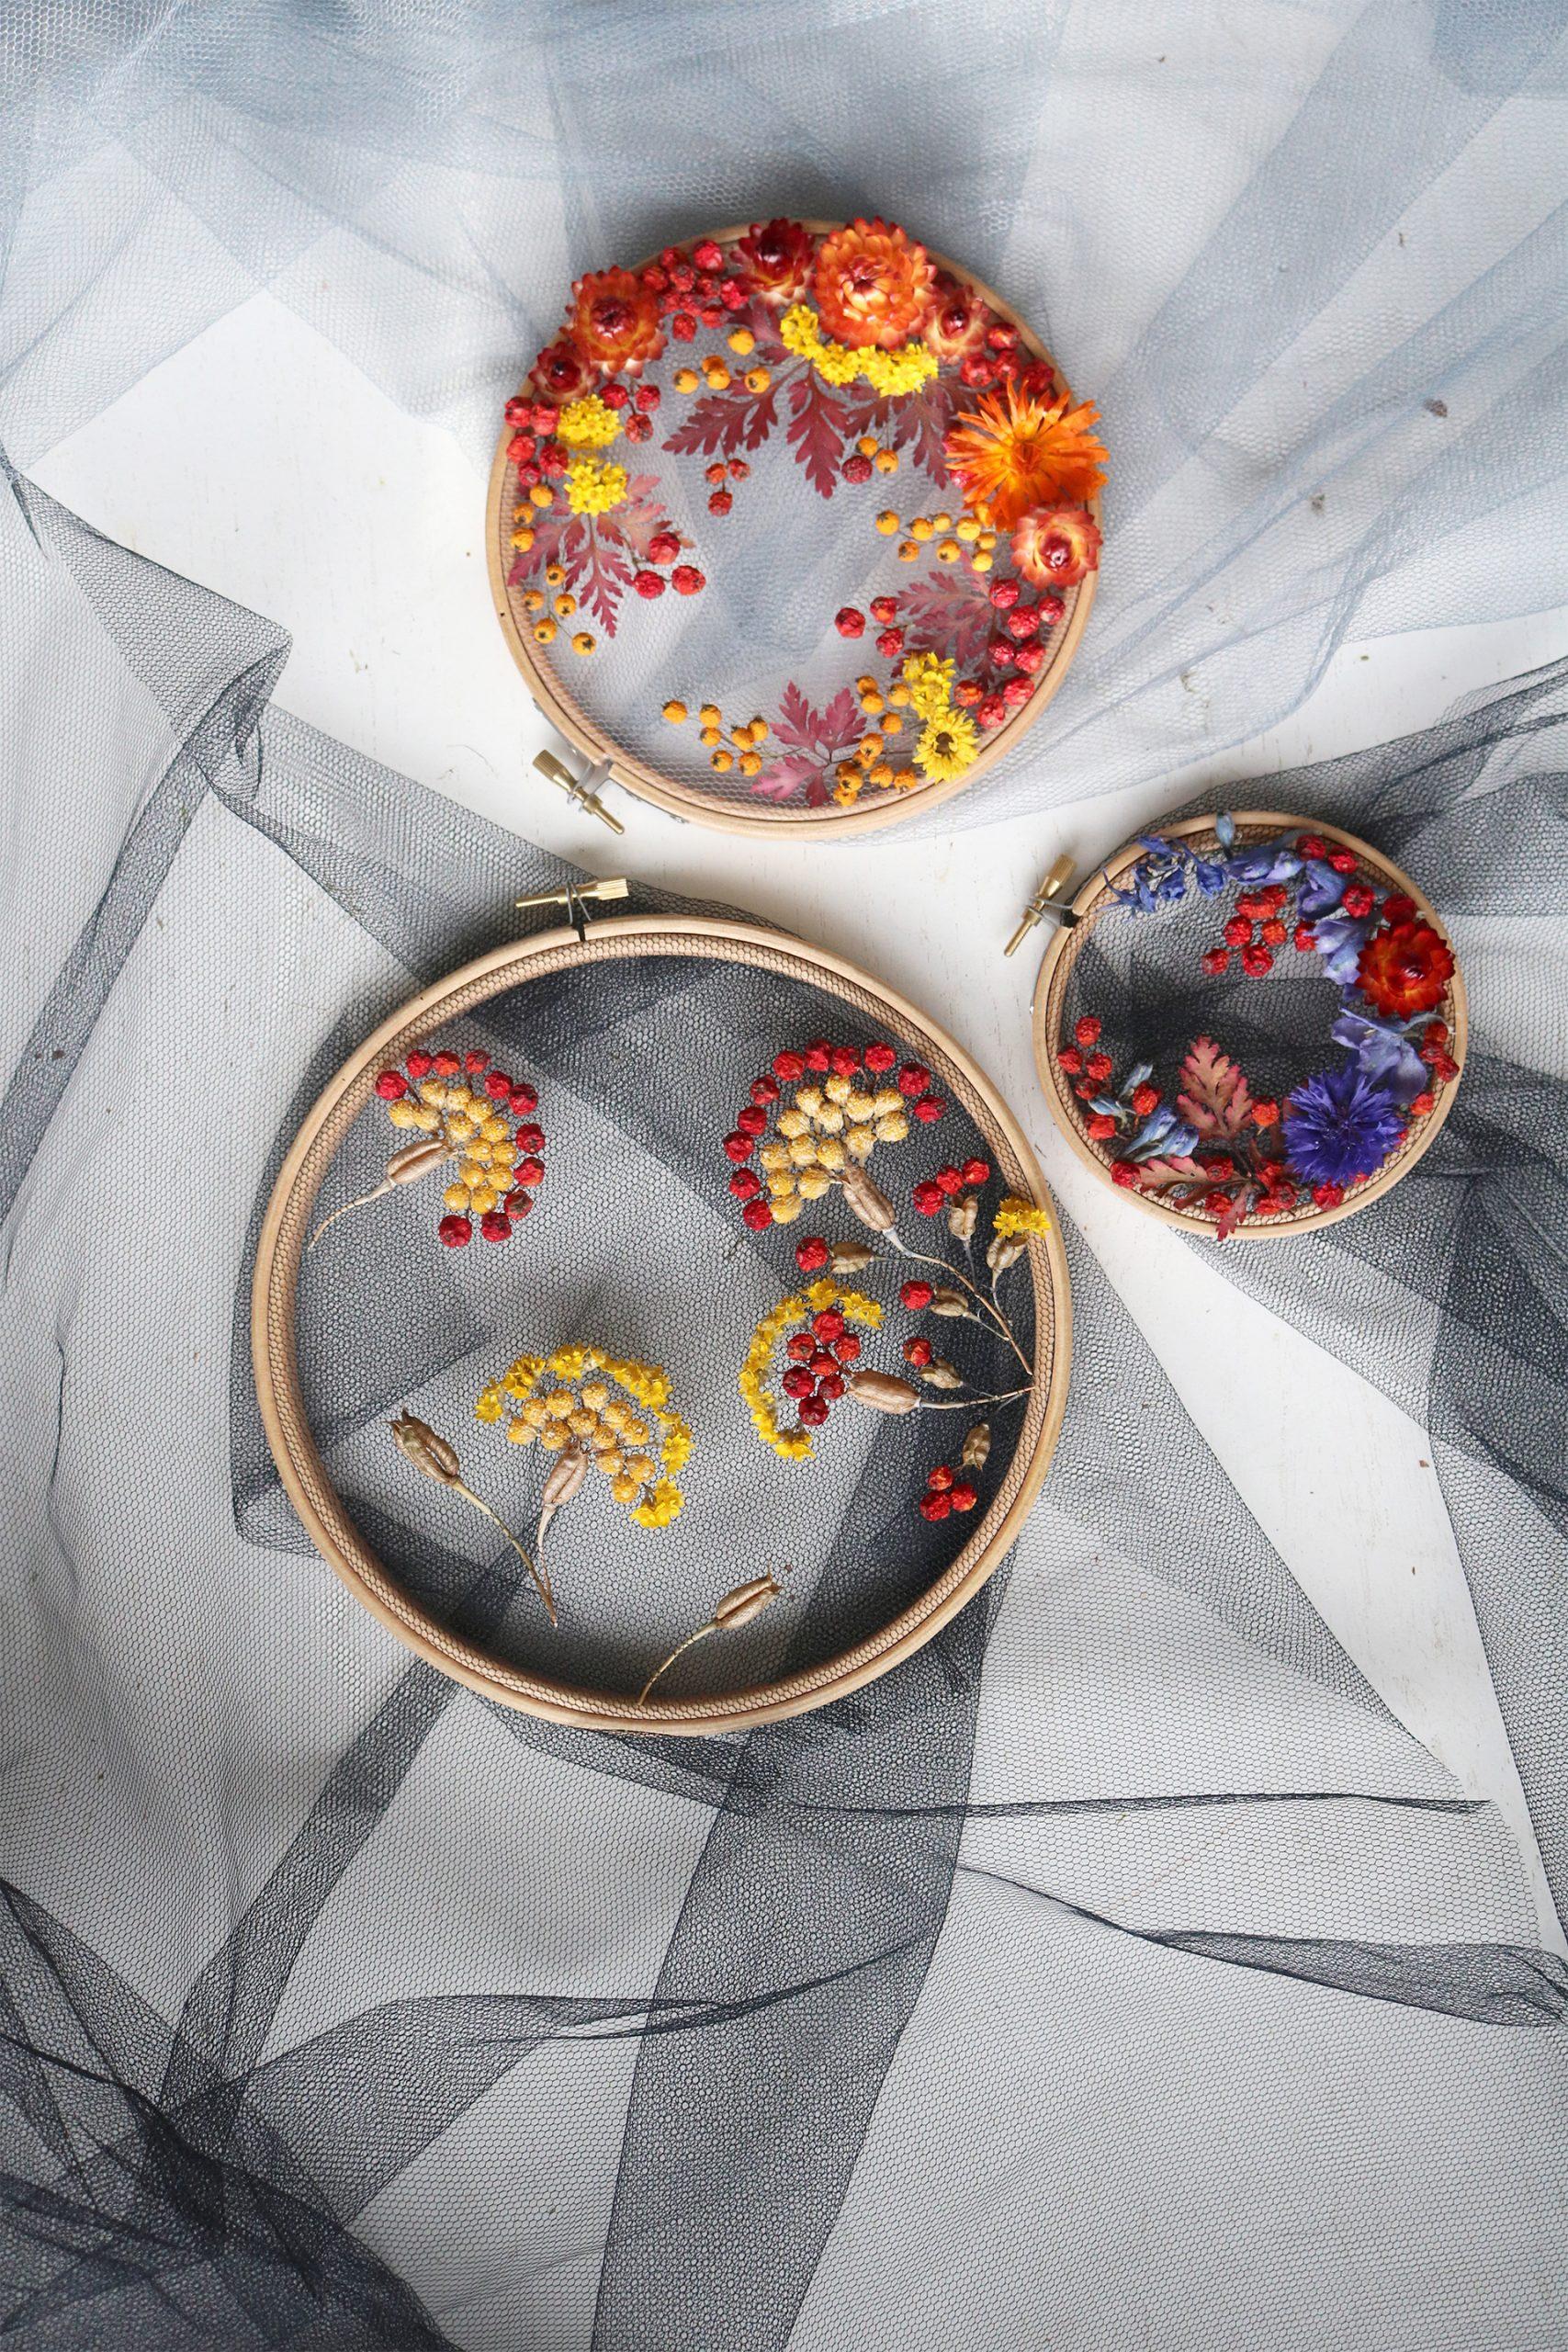 Intervista Olga Prinku, creatrice ricami in tulle, fiori secchi, composizione